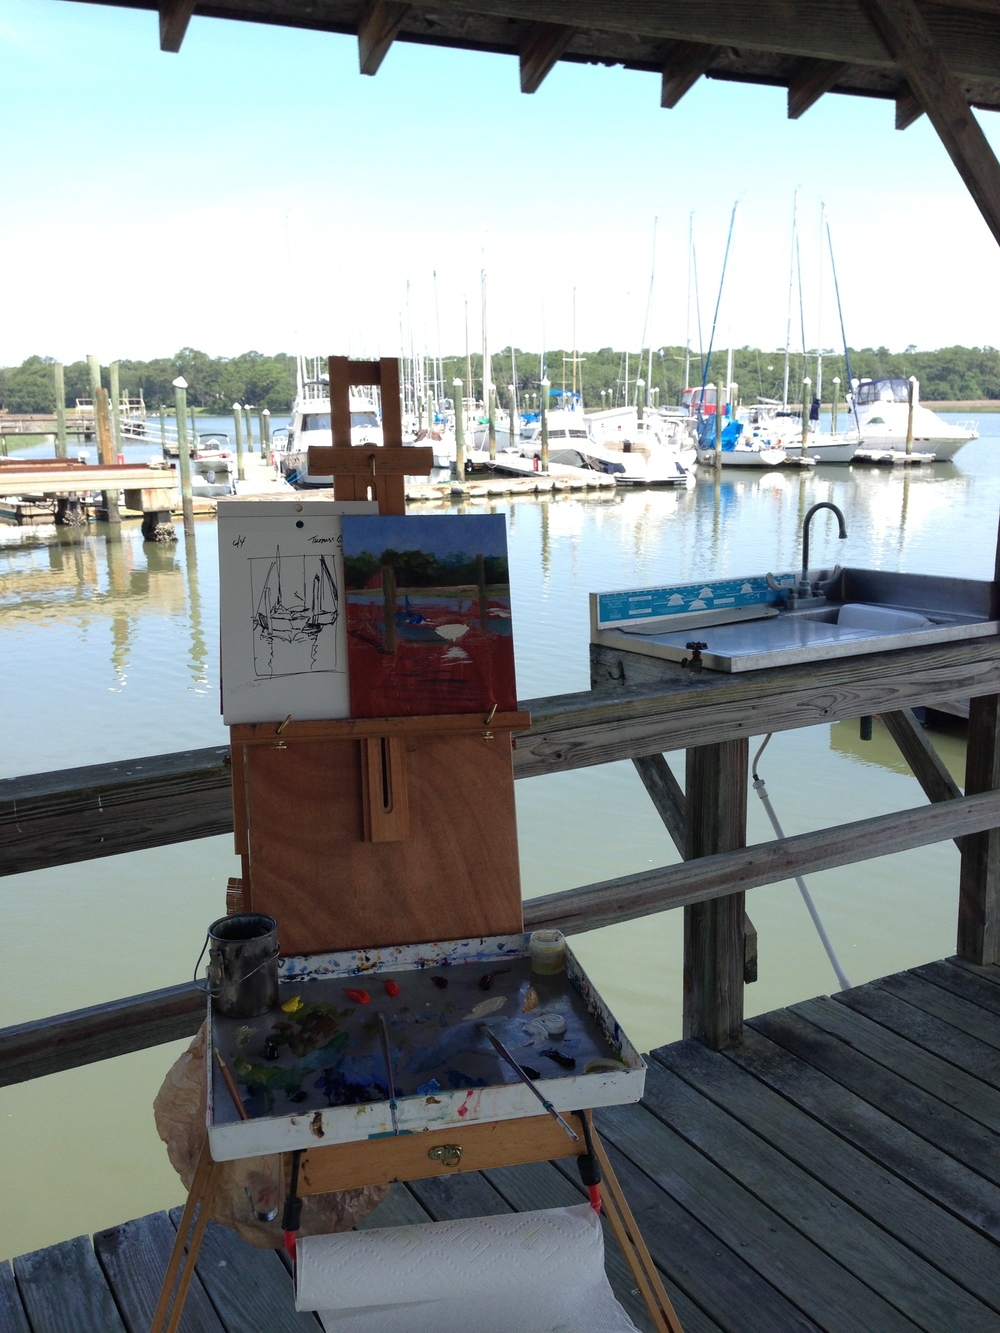 Painting on Turner's Creek.